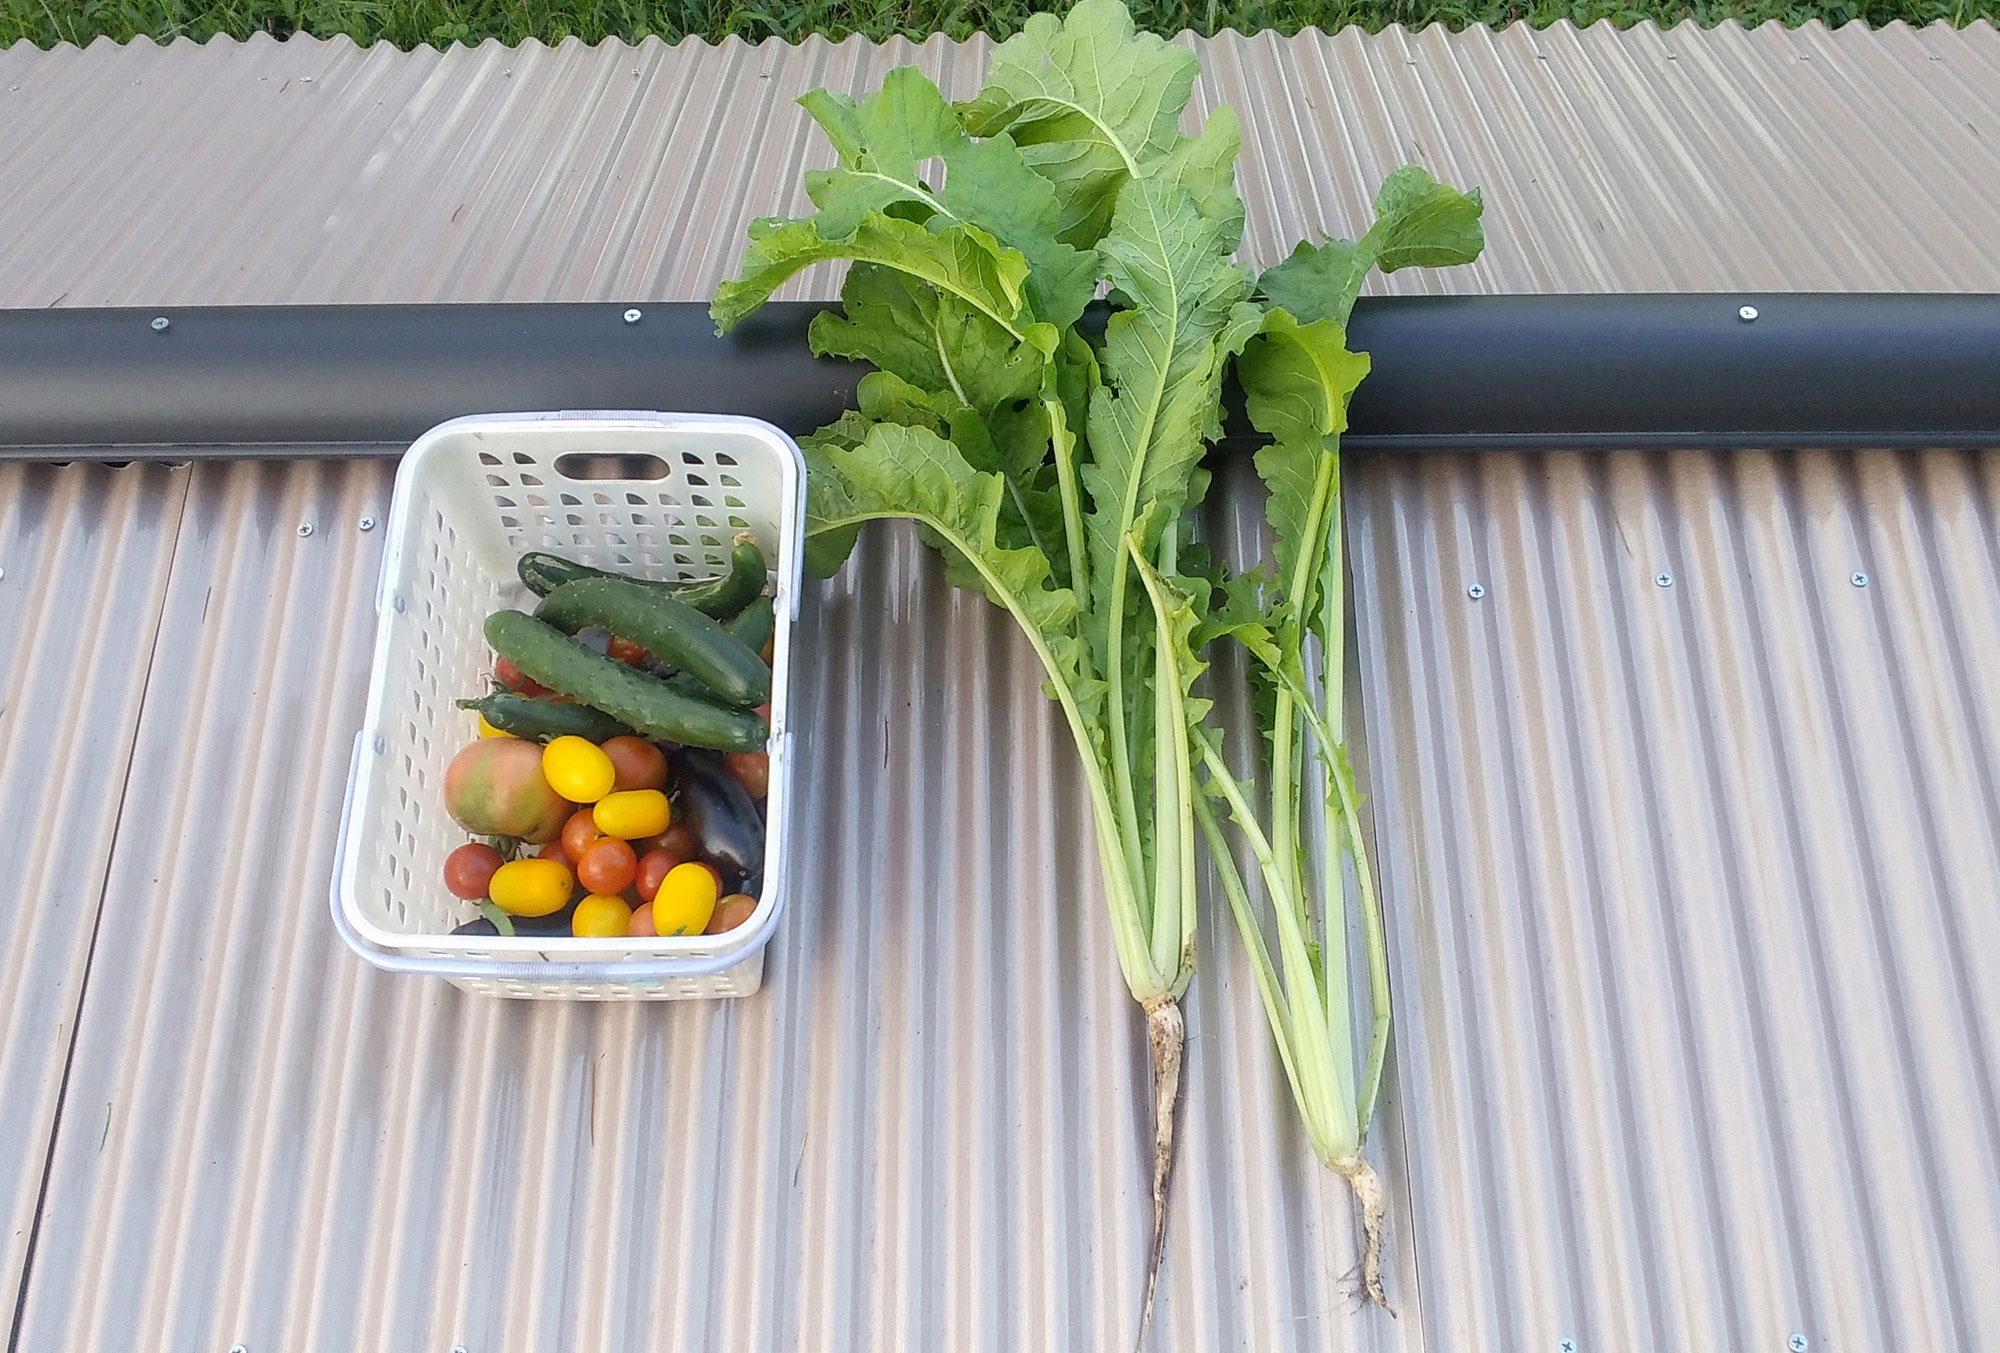 小瀬菜大根収穫 9月なのに